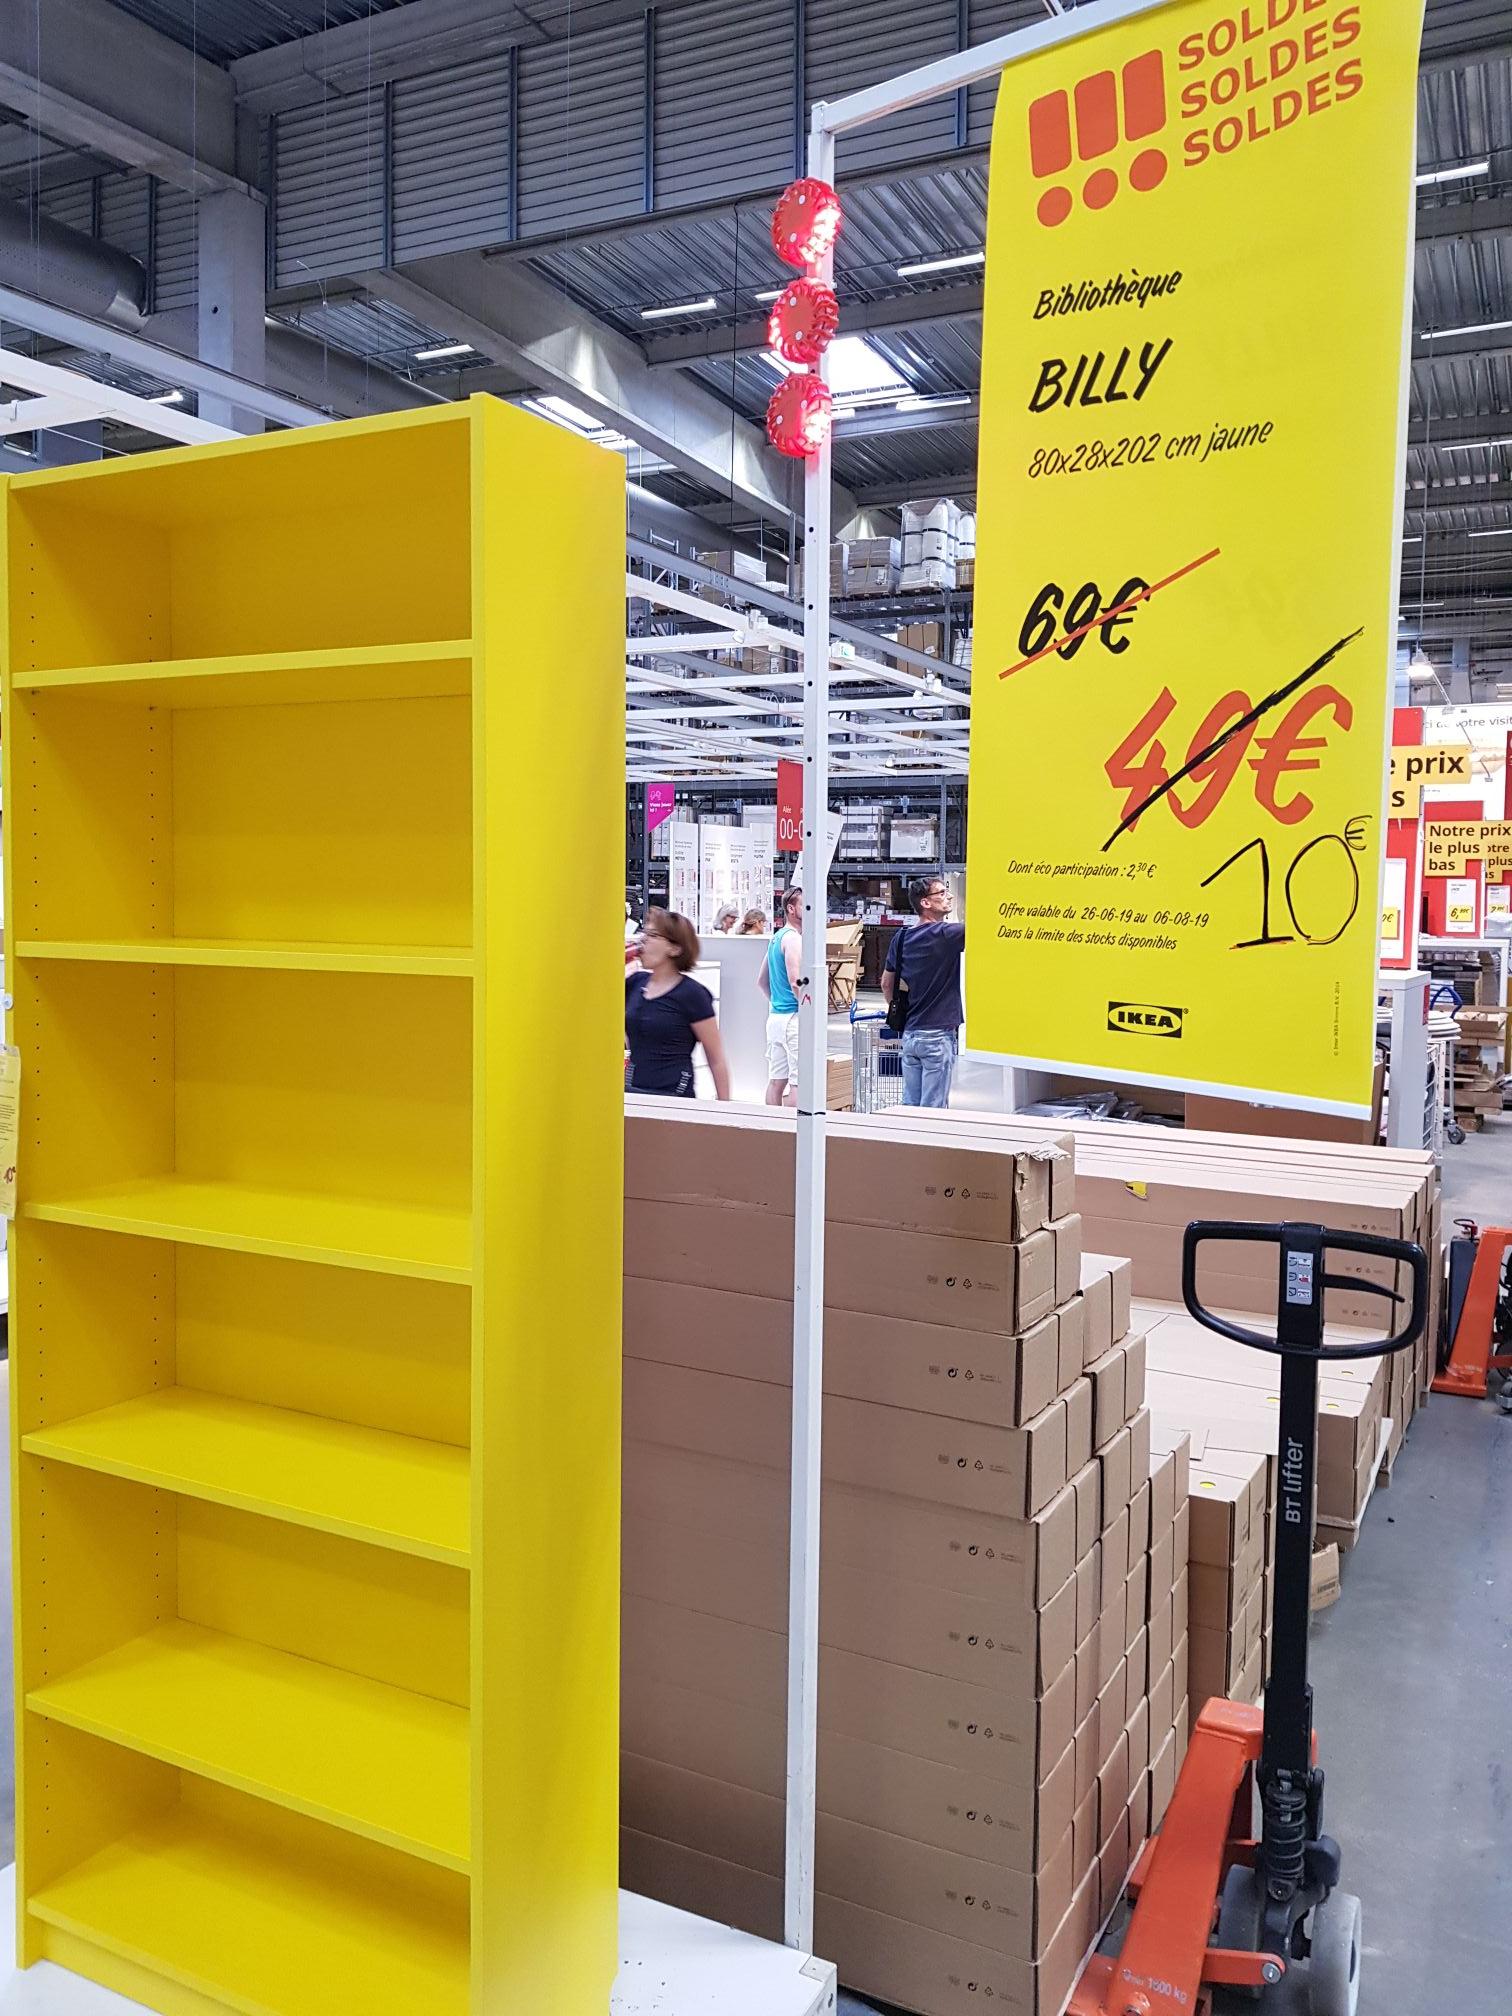 Ikea Deals Bons Pour Plans ⇒ Août 2019 H9IDYbWE2e